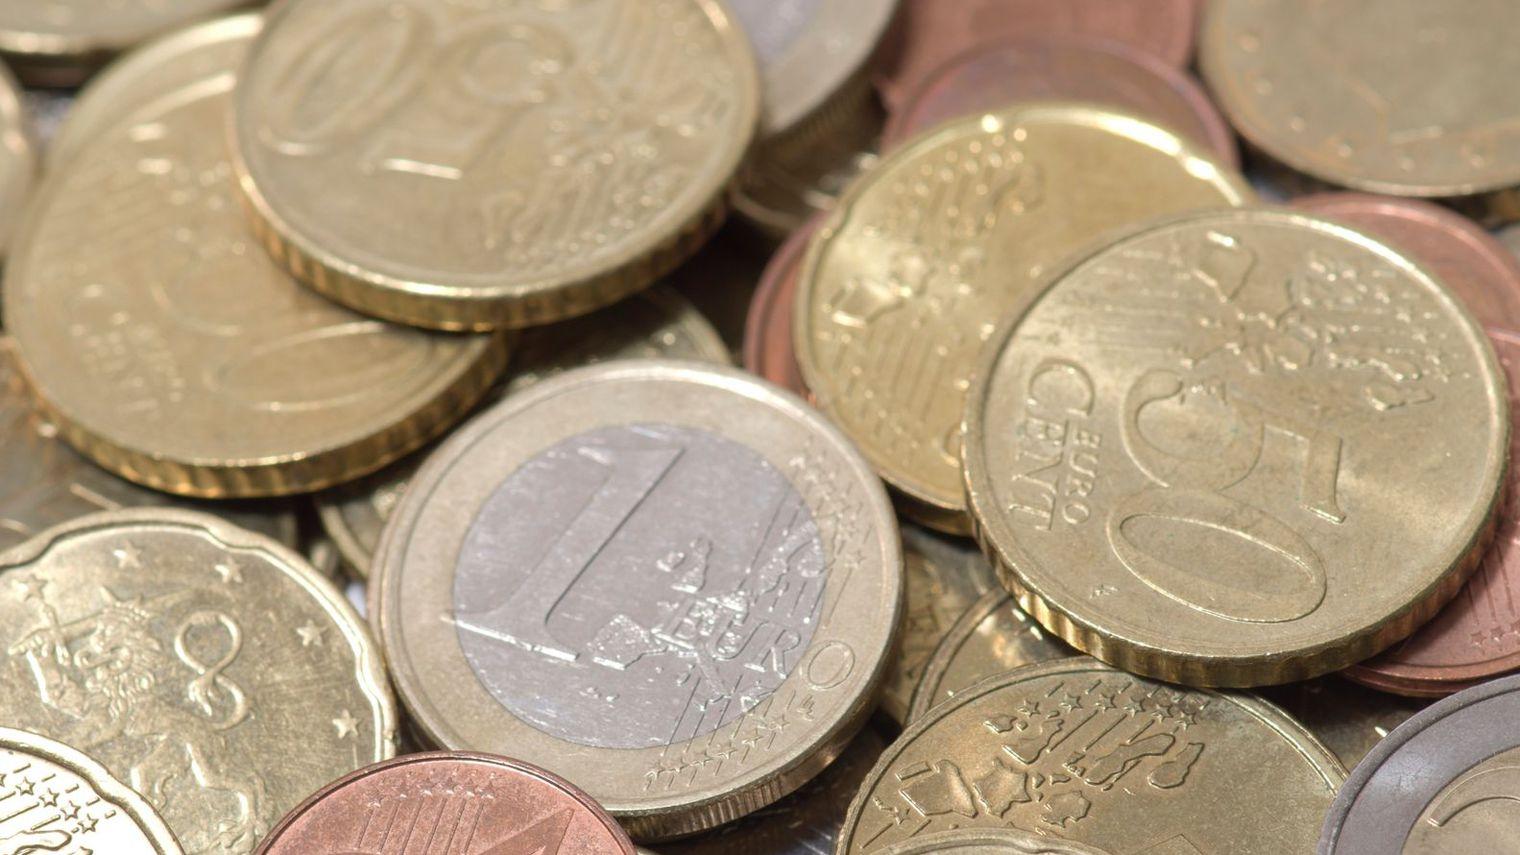 Comptoir des tuileries pourquoi acheter des pi ces d or - Le comptoir des familles soldes ...